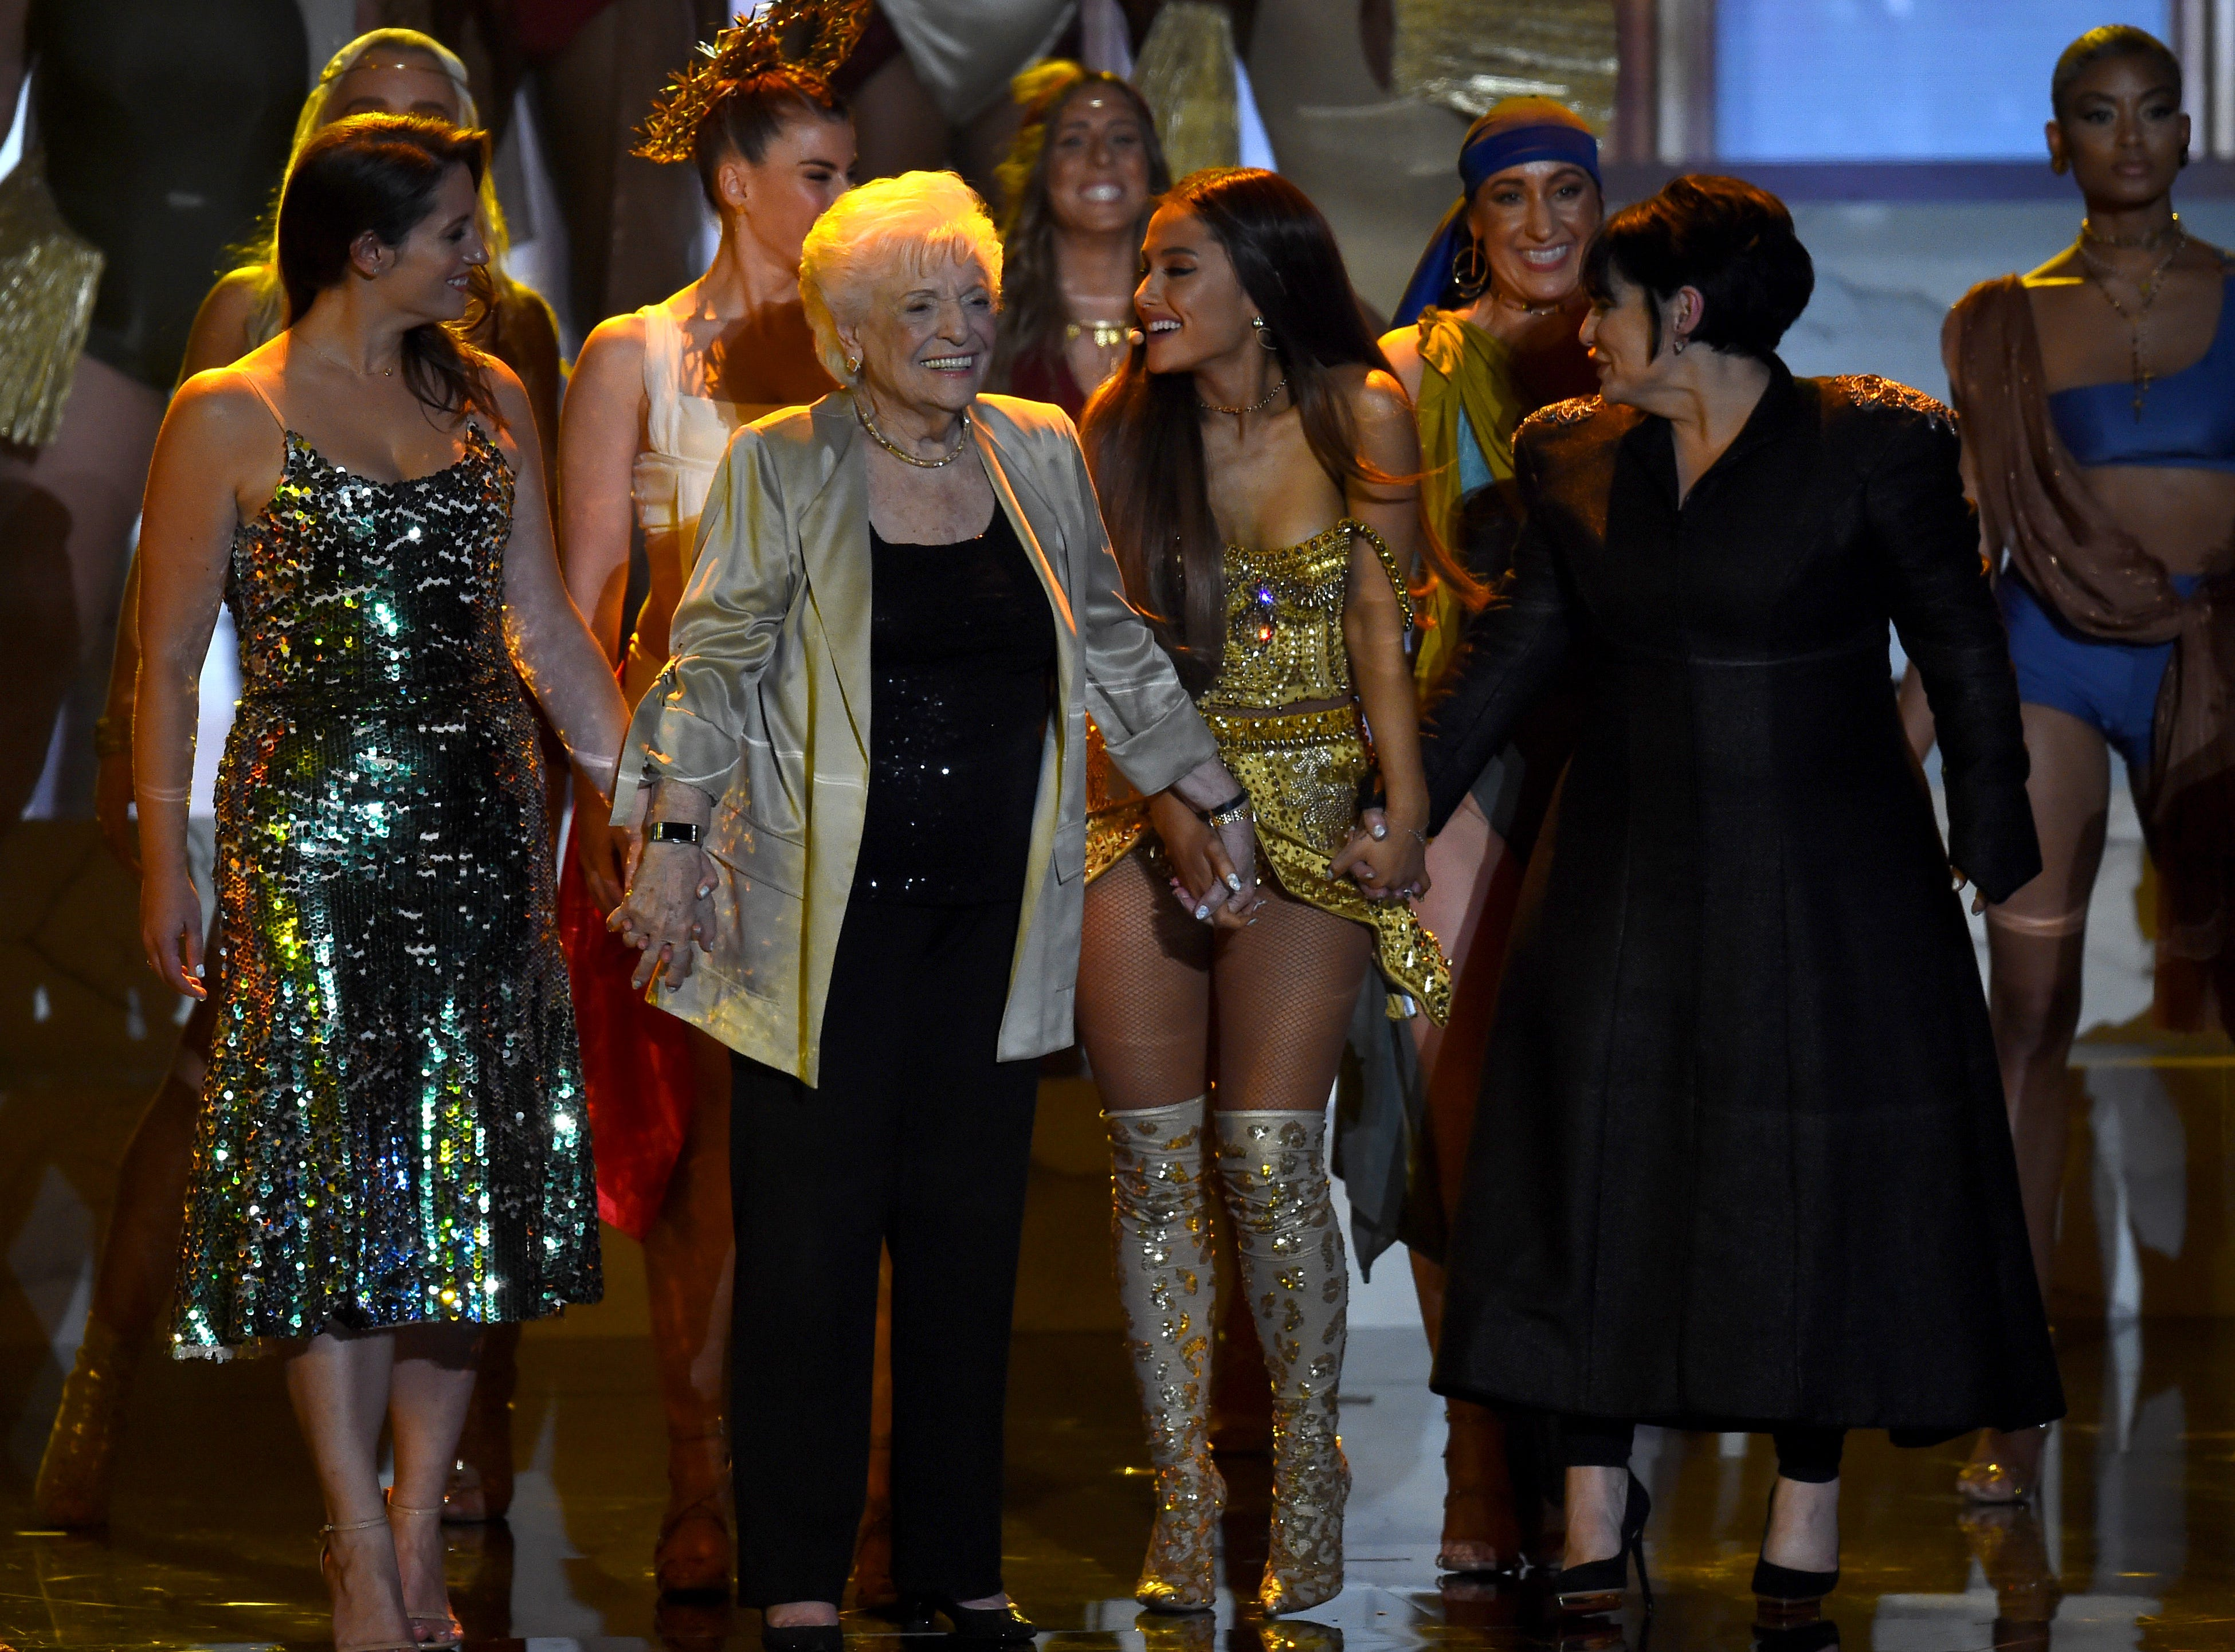 (De izq a der) Lani Grande, Marjorie Grande, Ariana Grande y Joan Grande se presentan en el escenario durante los MTV Video Music Awards 2018 en el Radio City Music Hall el 20 de agosto de 2018 en la ciudad de Nueva York.